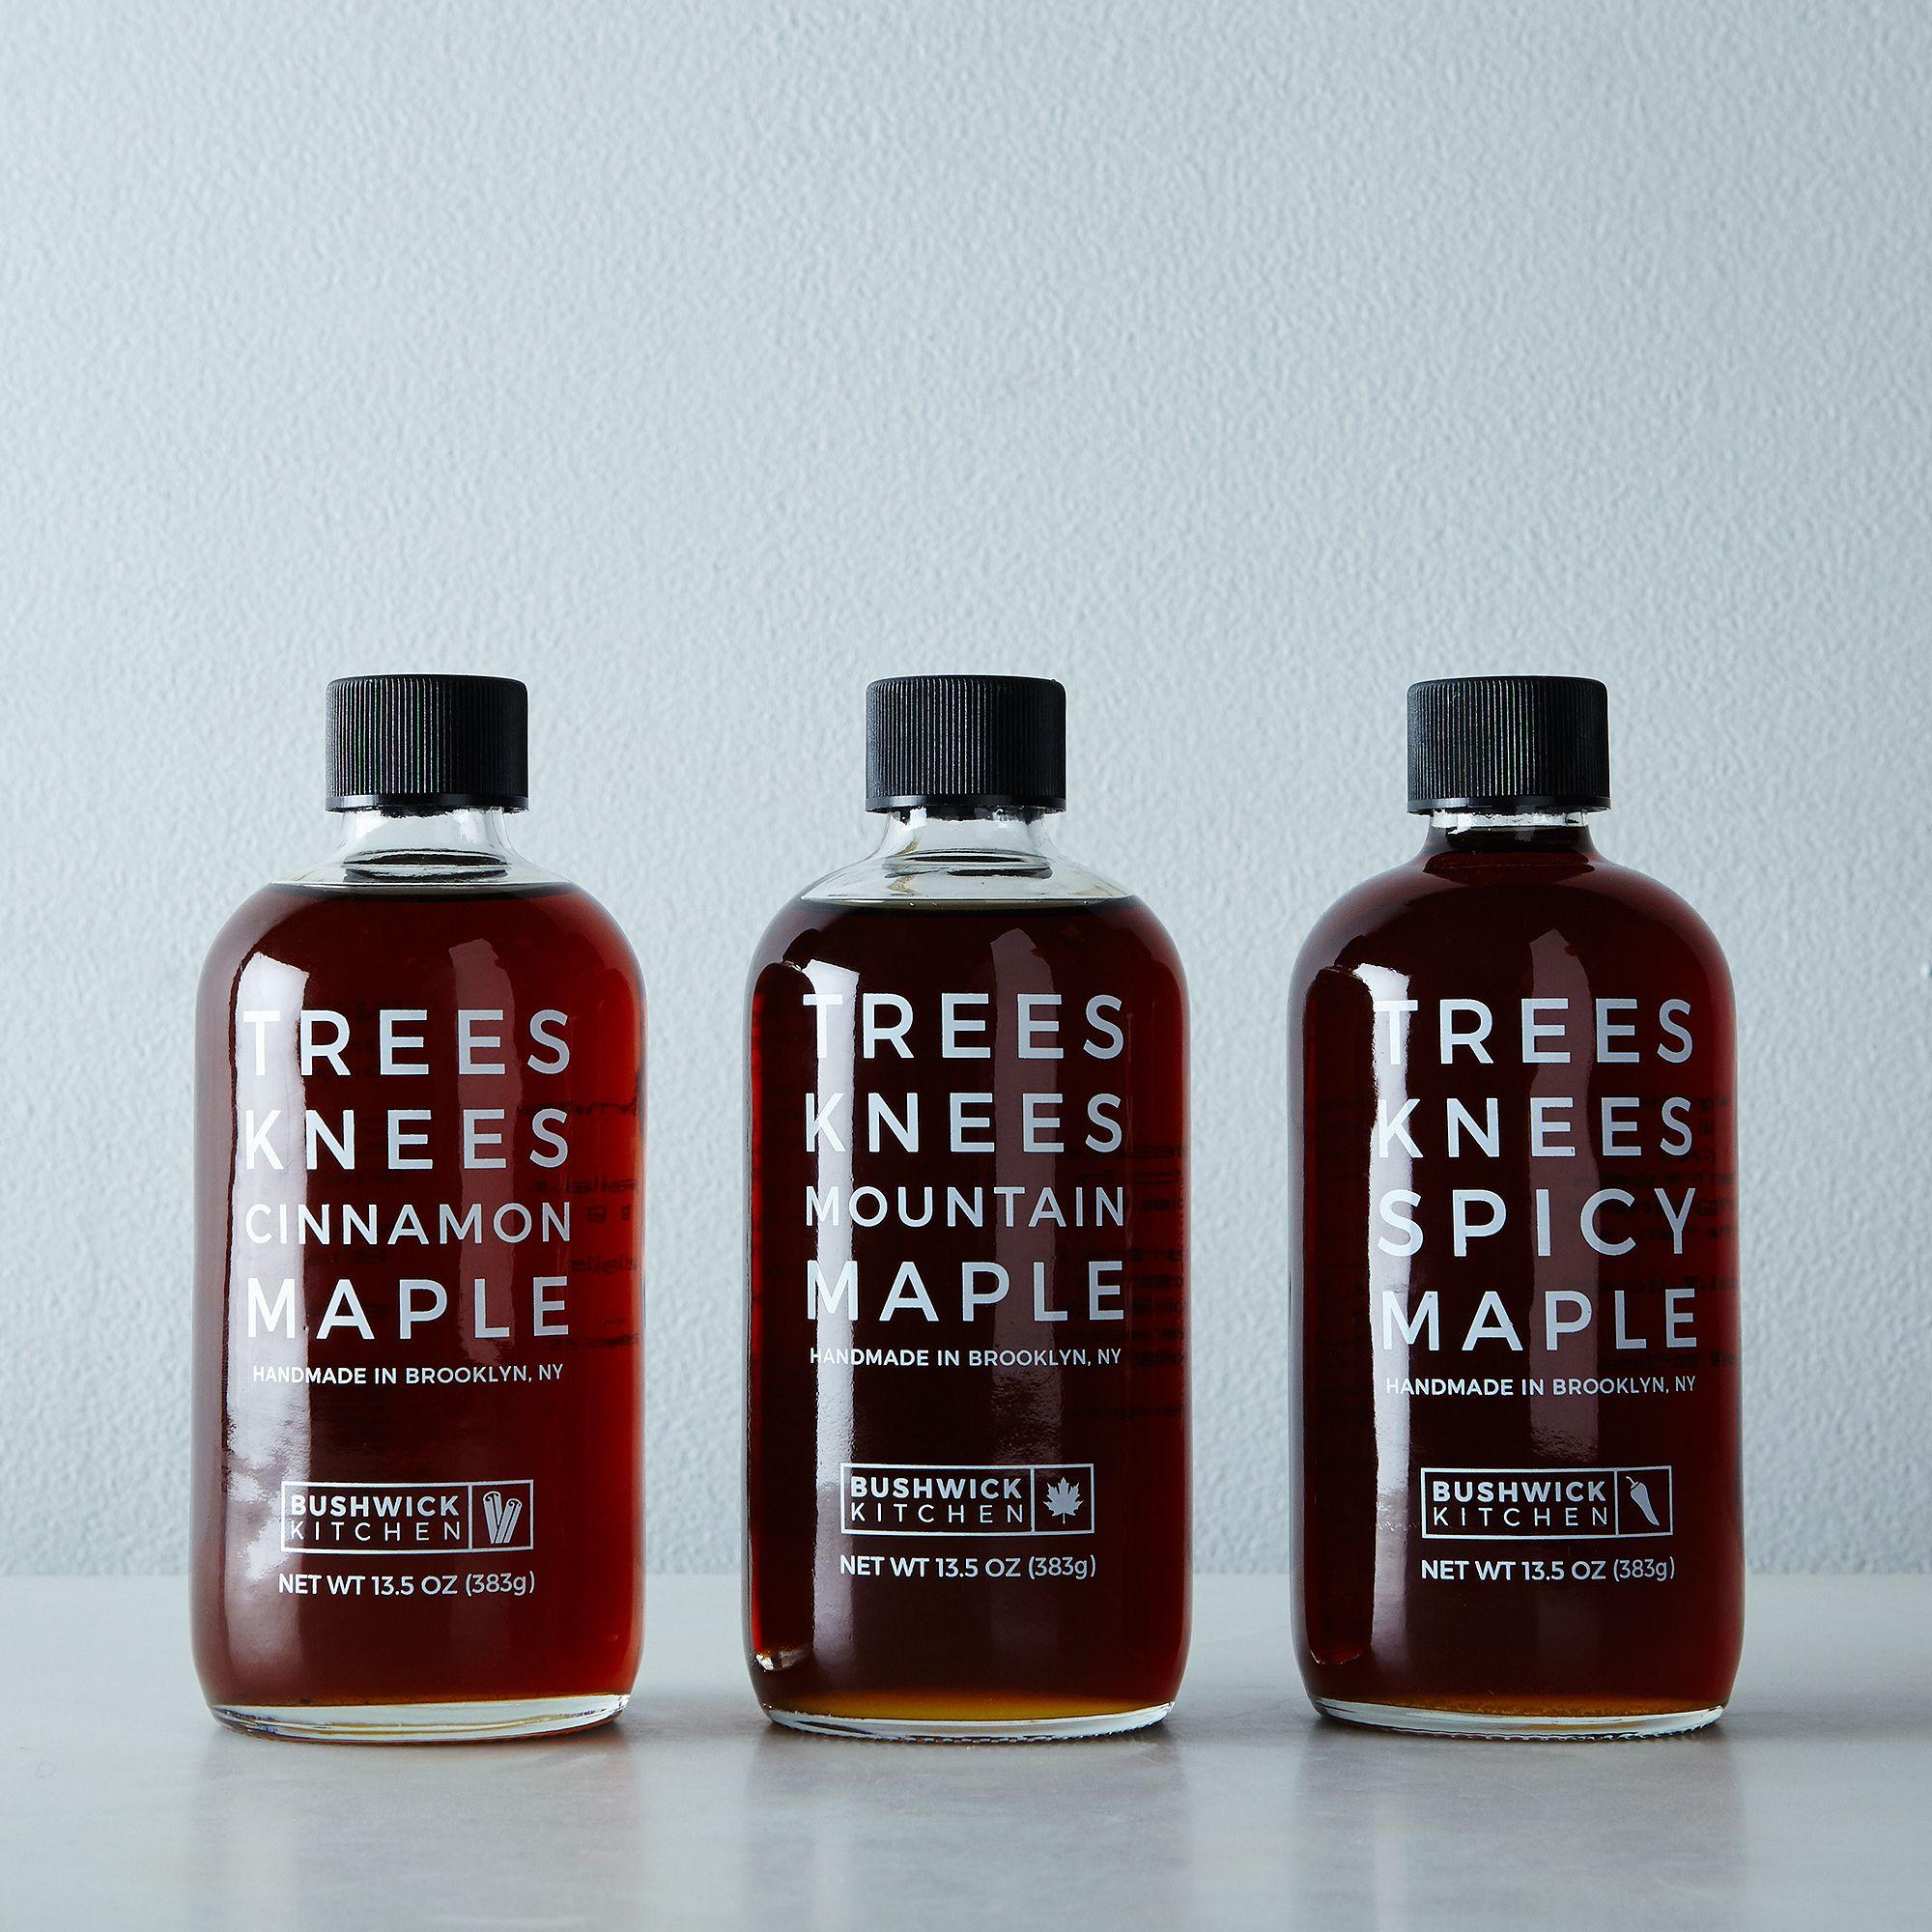 0d779fe9 ebc2 49e0 b8e5 7040d9dc5741  2016 0418 bushwick kitchen maple syrup set of 3 silo rocky luten 003